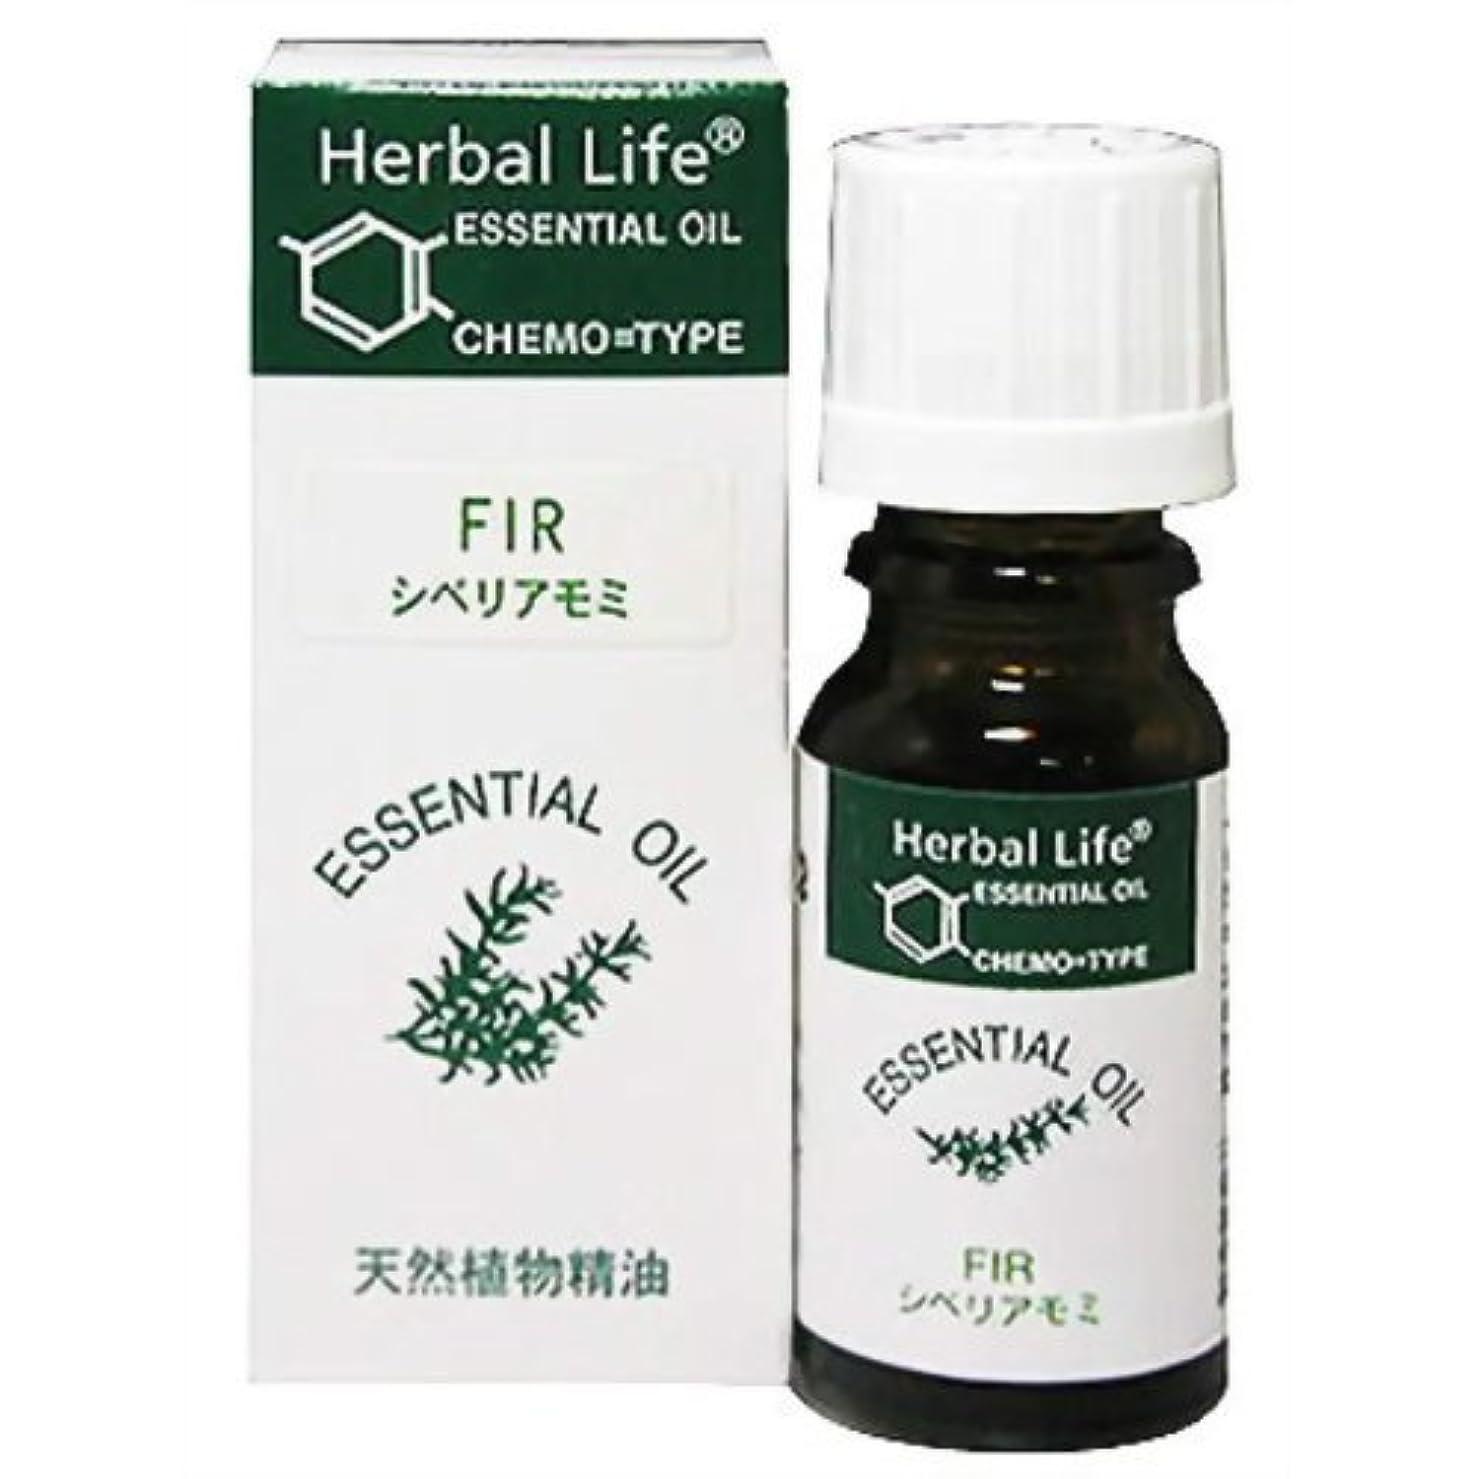 アルコーブ篭パズル生活の木 Herbal Life シベリアモミ 10ml